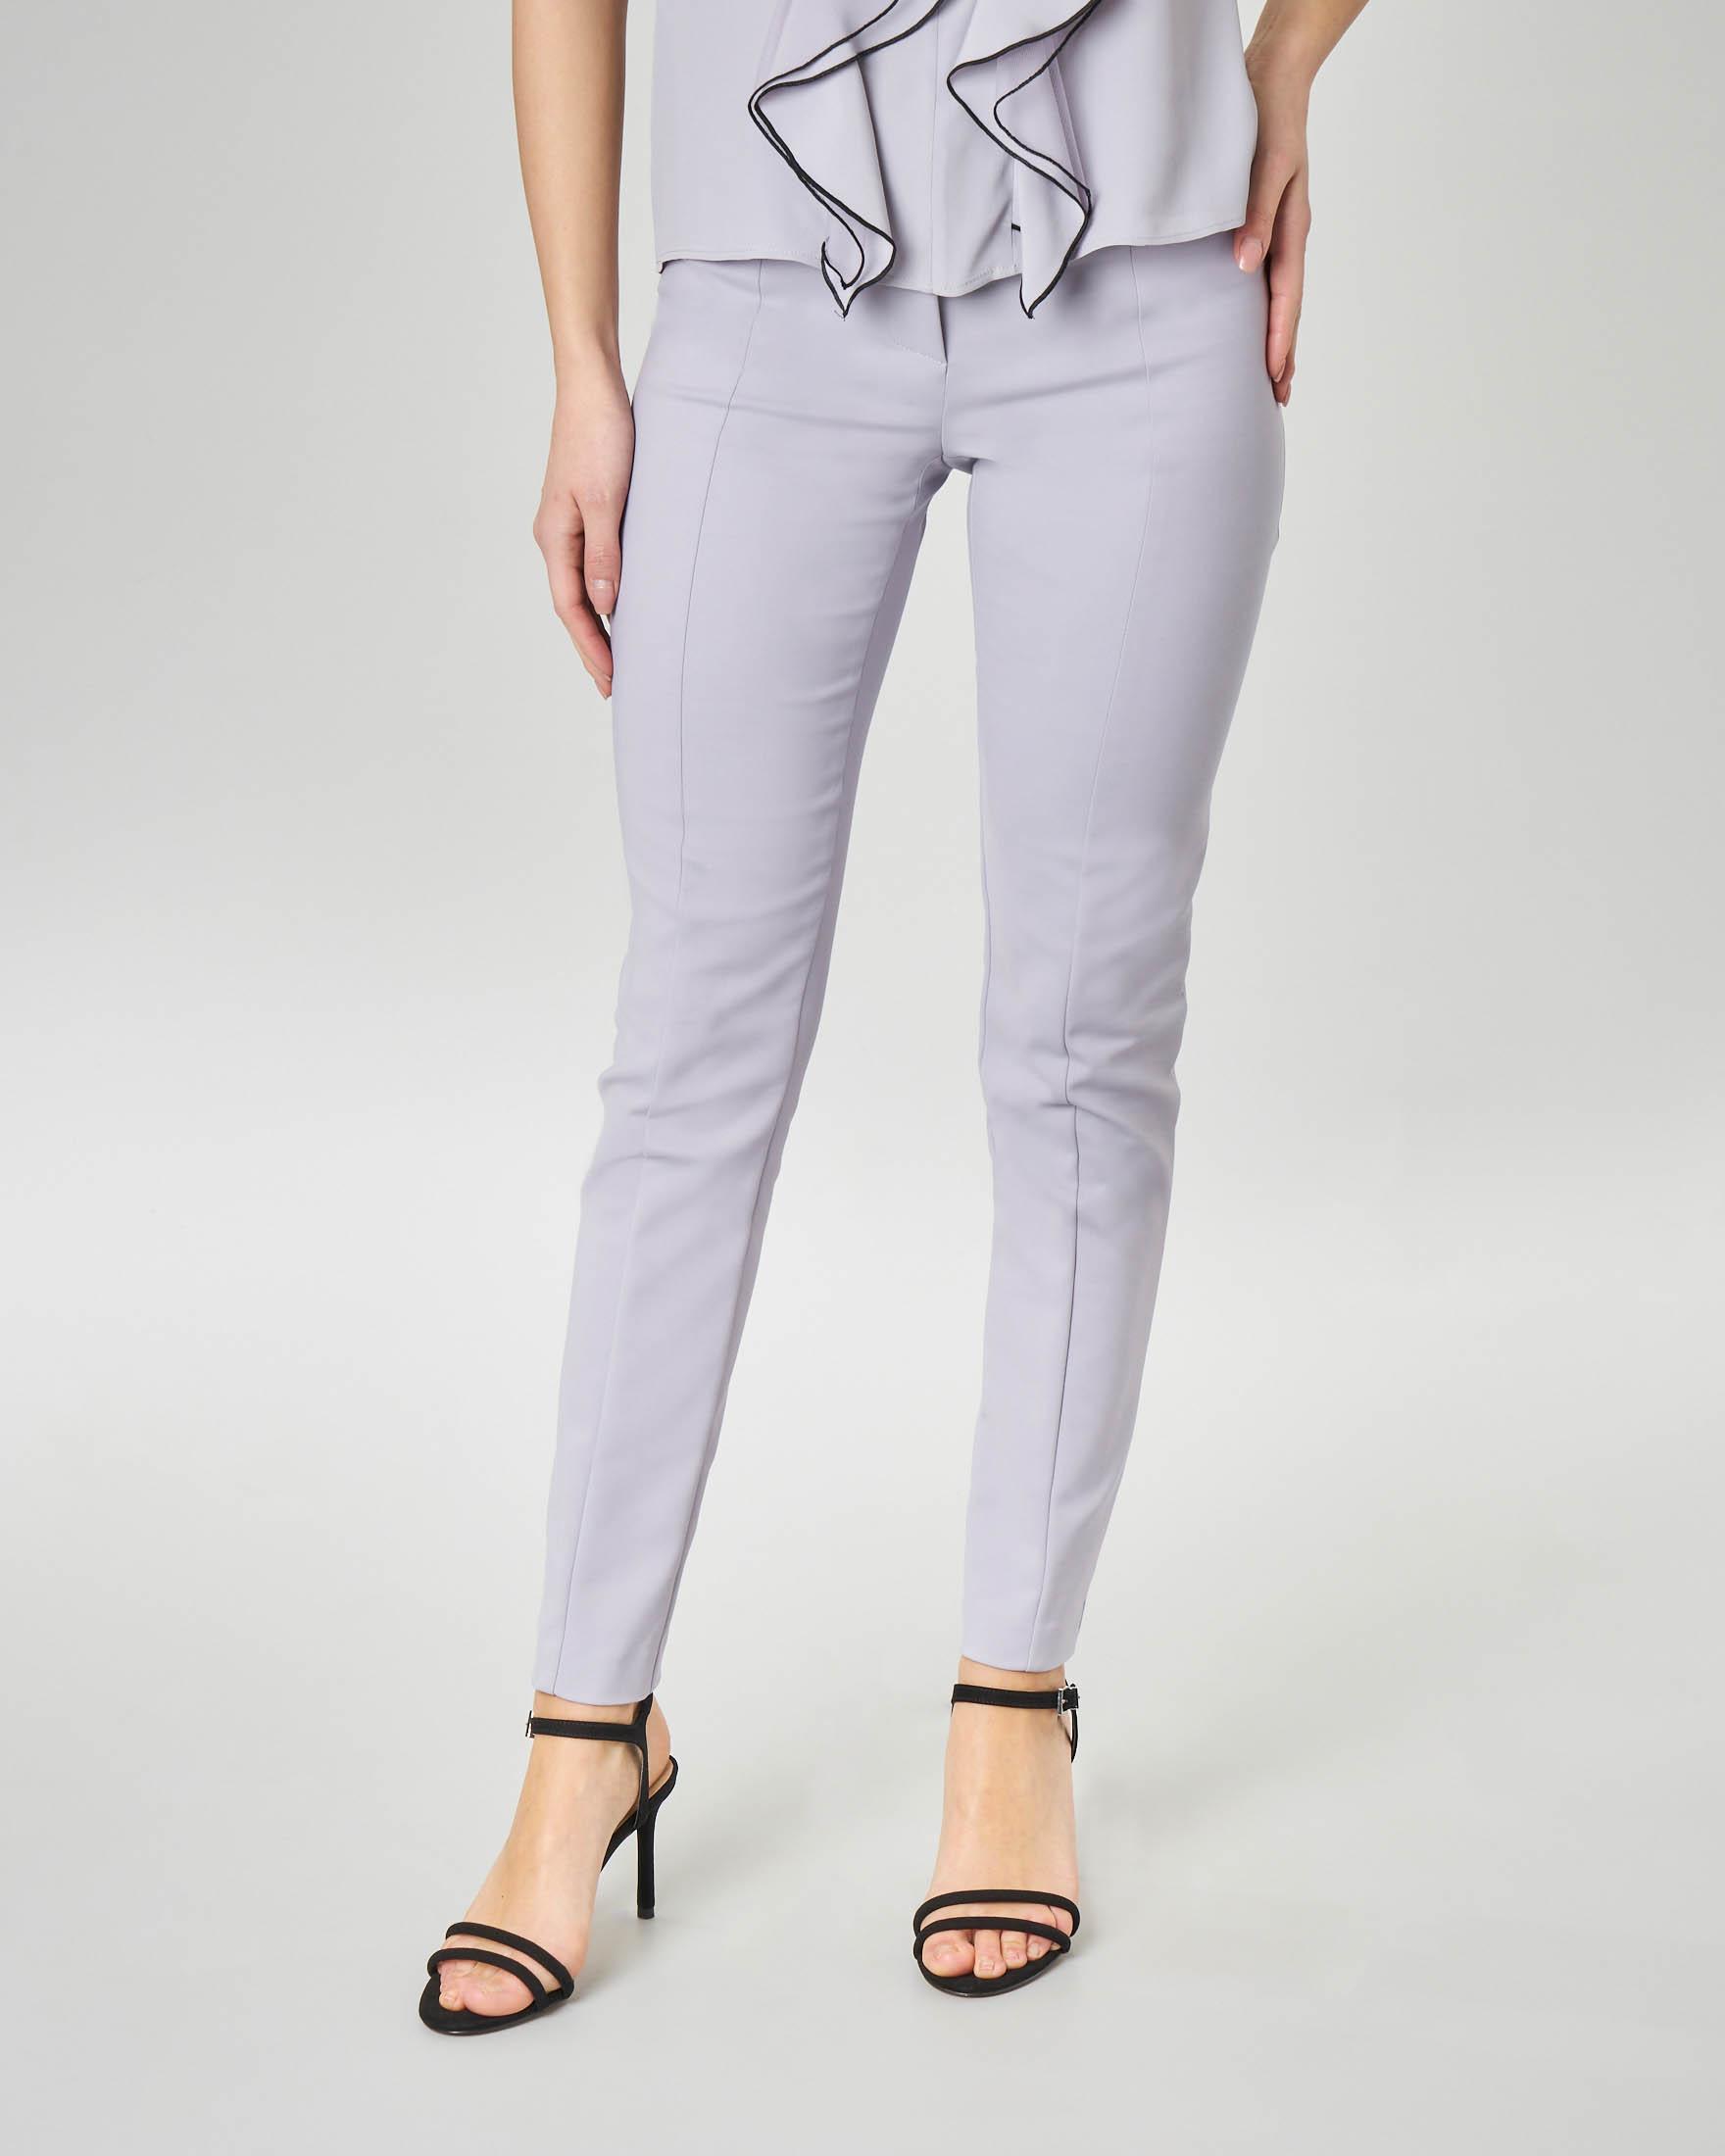 Pantaloni a sigaretta lilla in cotone elasticizzato